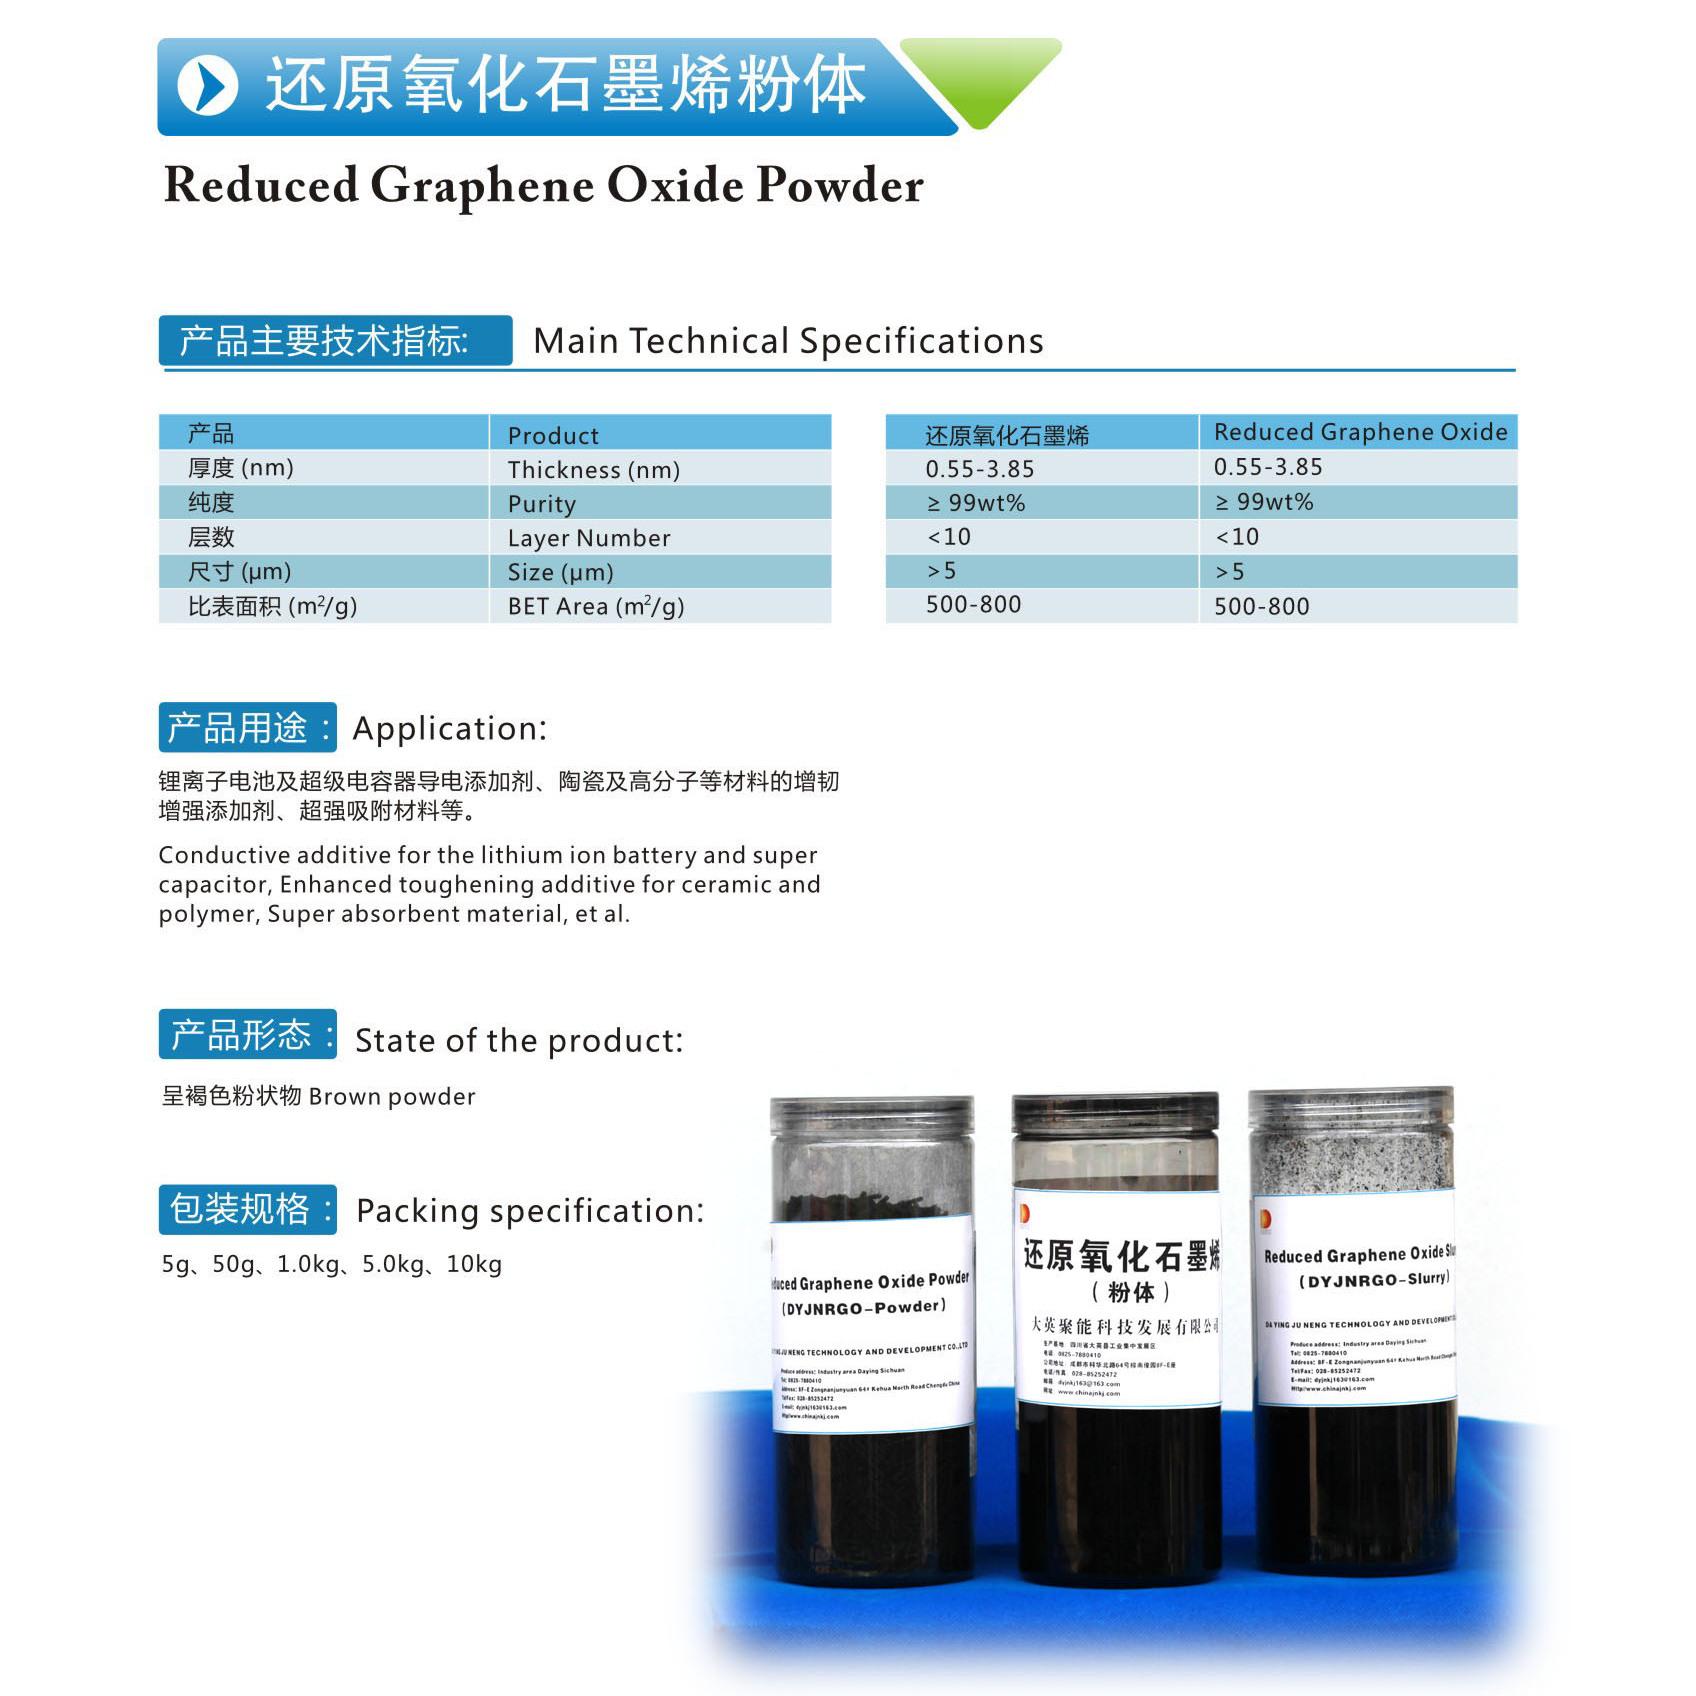 还原氧化石墨烯粉体3-5层